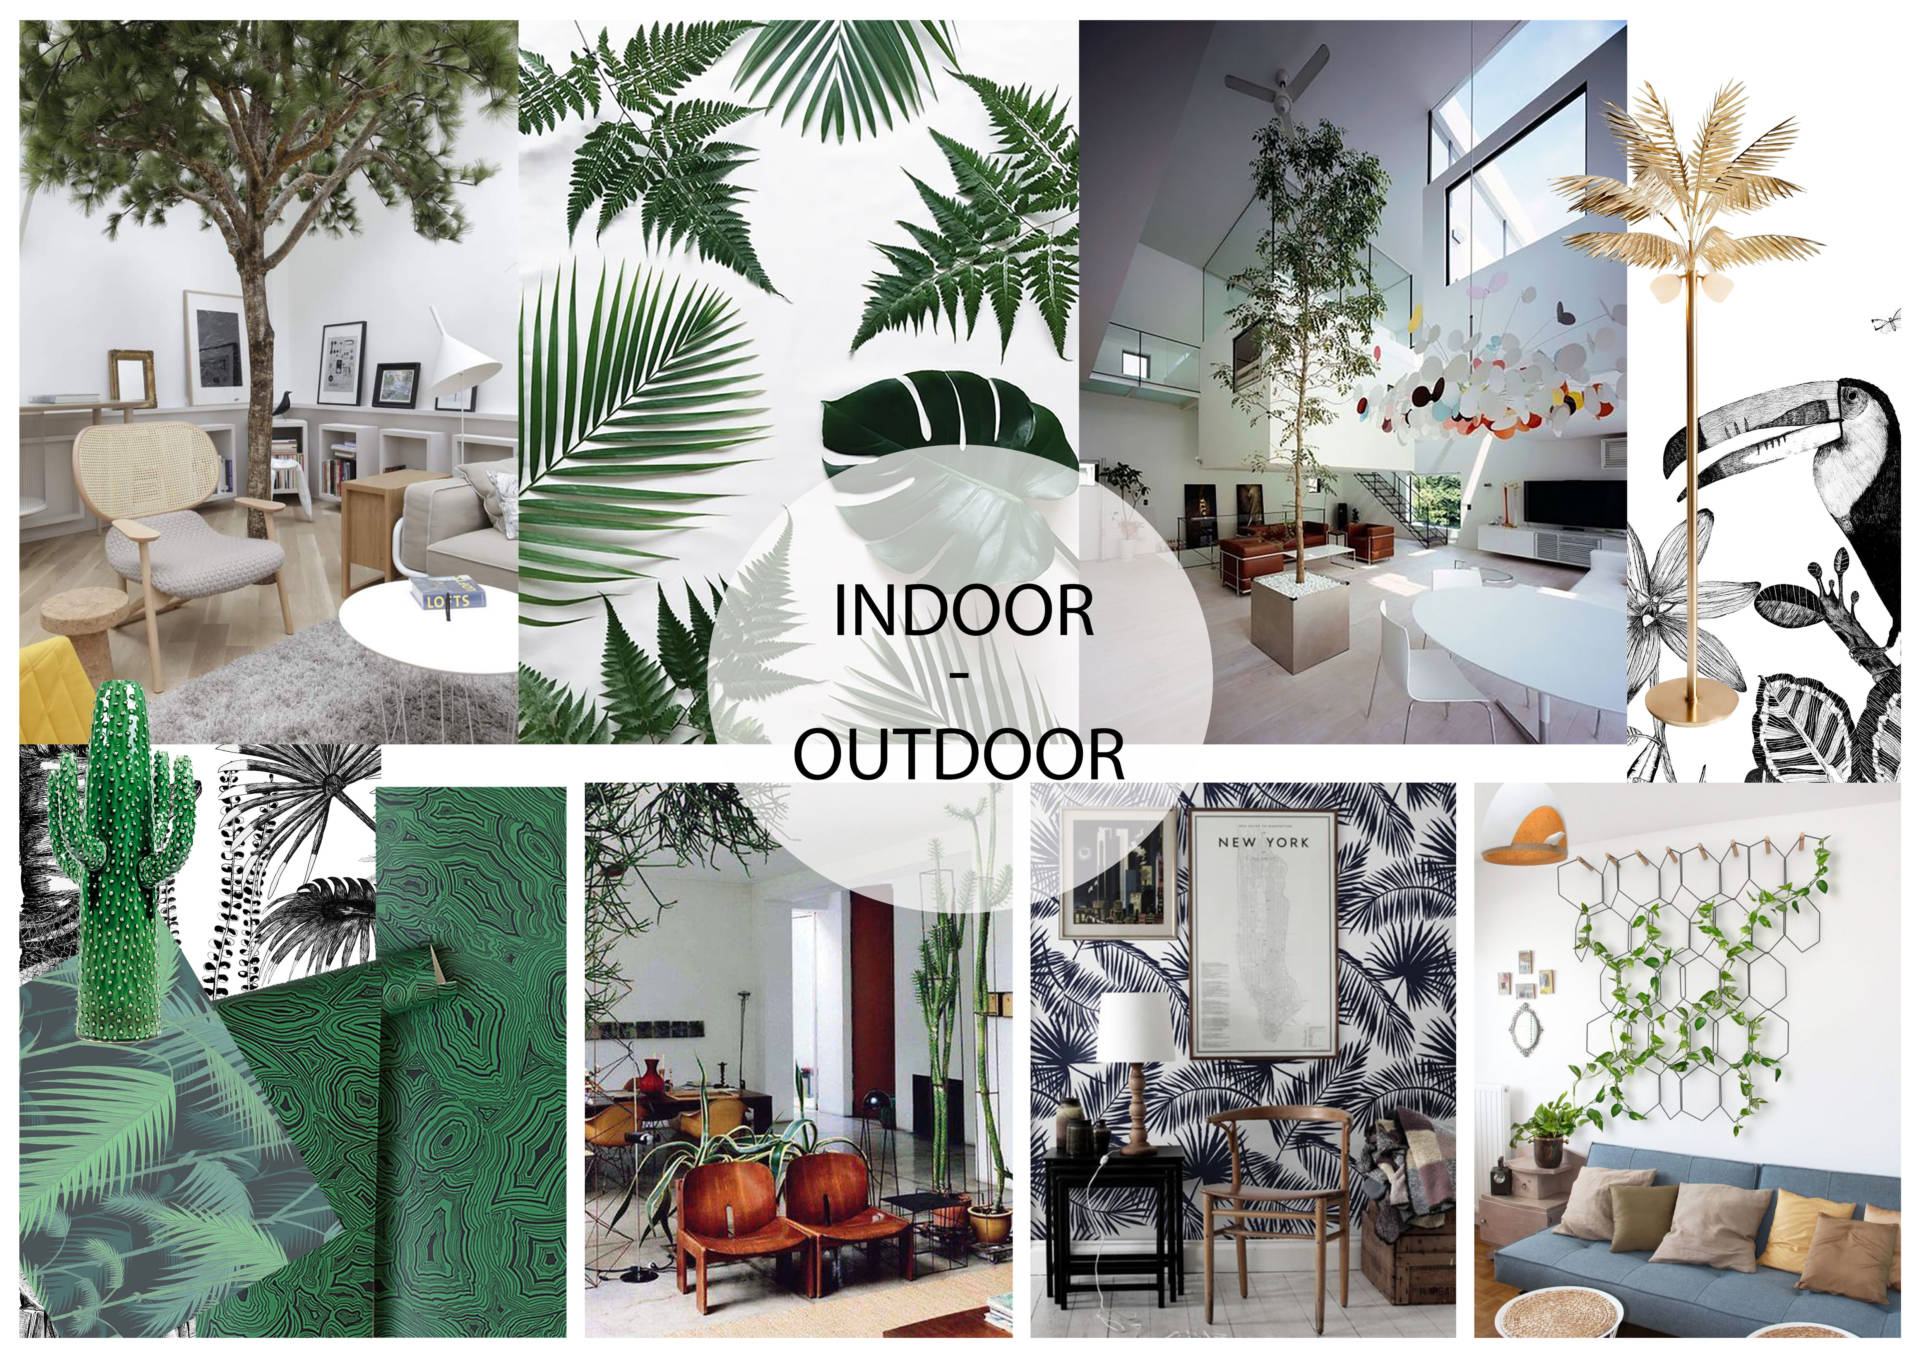 Moodboard indoor-outdoor par Anne Solenn Chérat, Décoratrice UFDI sur Lorient, Vannes, Pontivy.